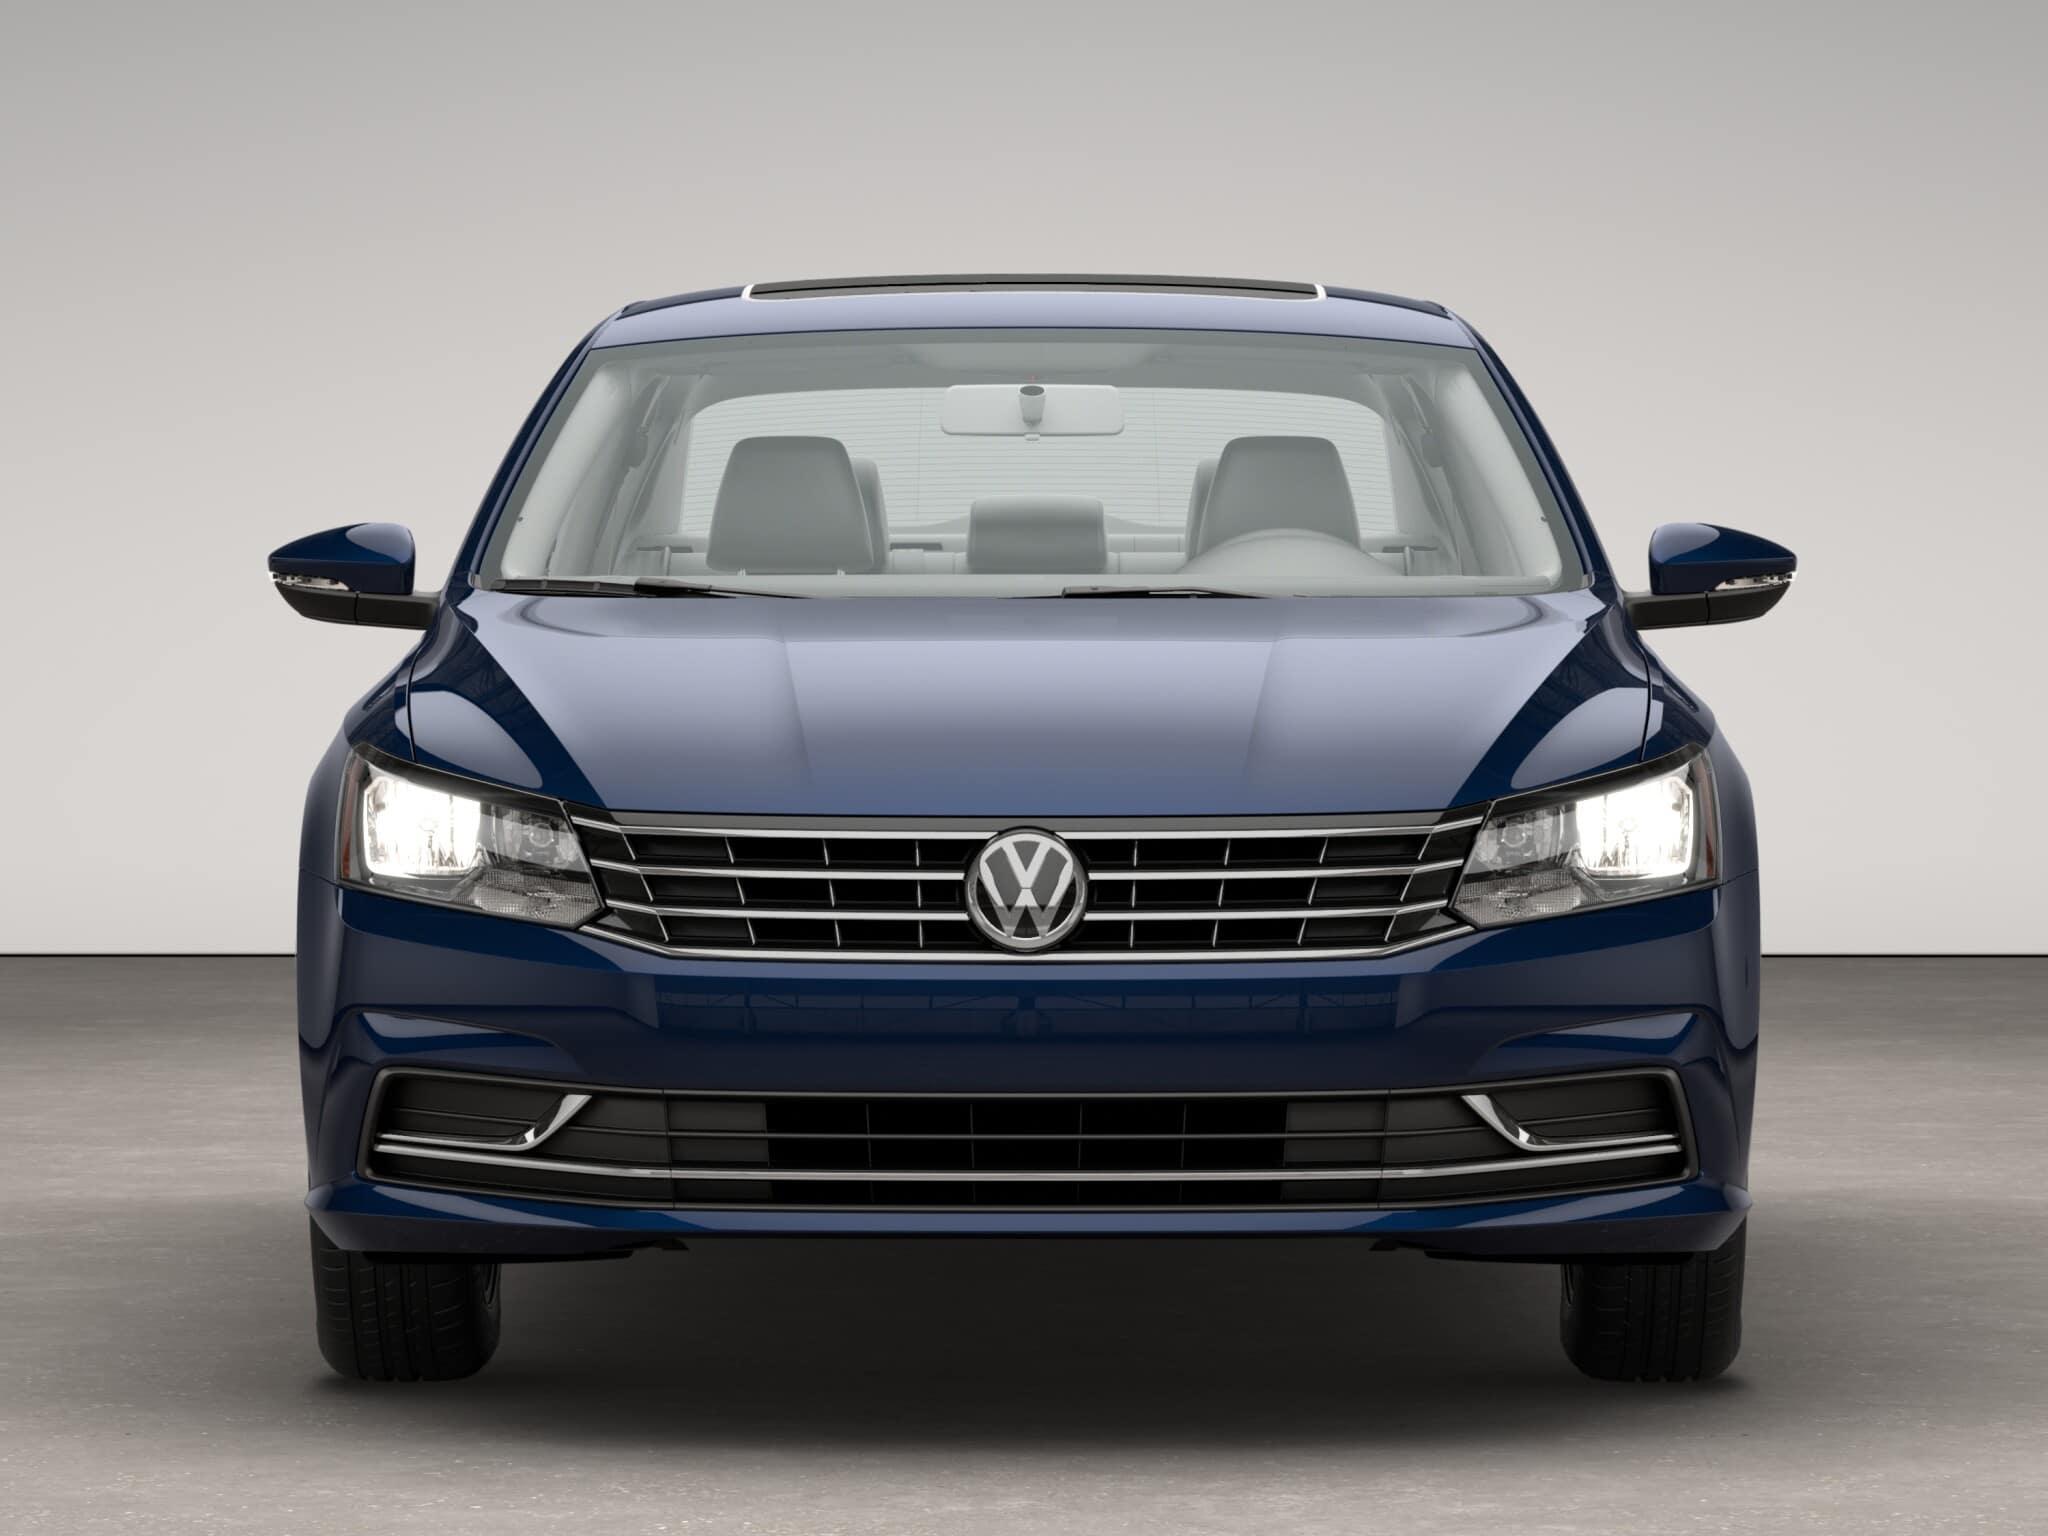 2017 Volkswagen Passat SE Front Grille Exterior